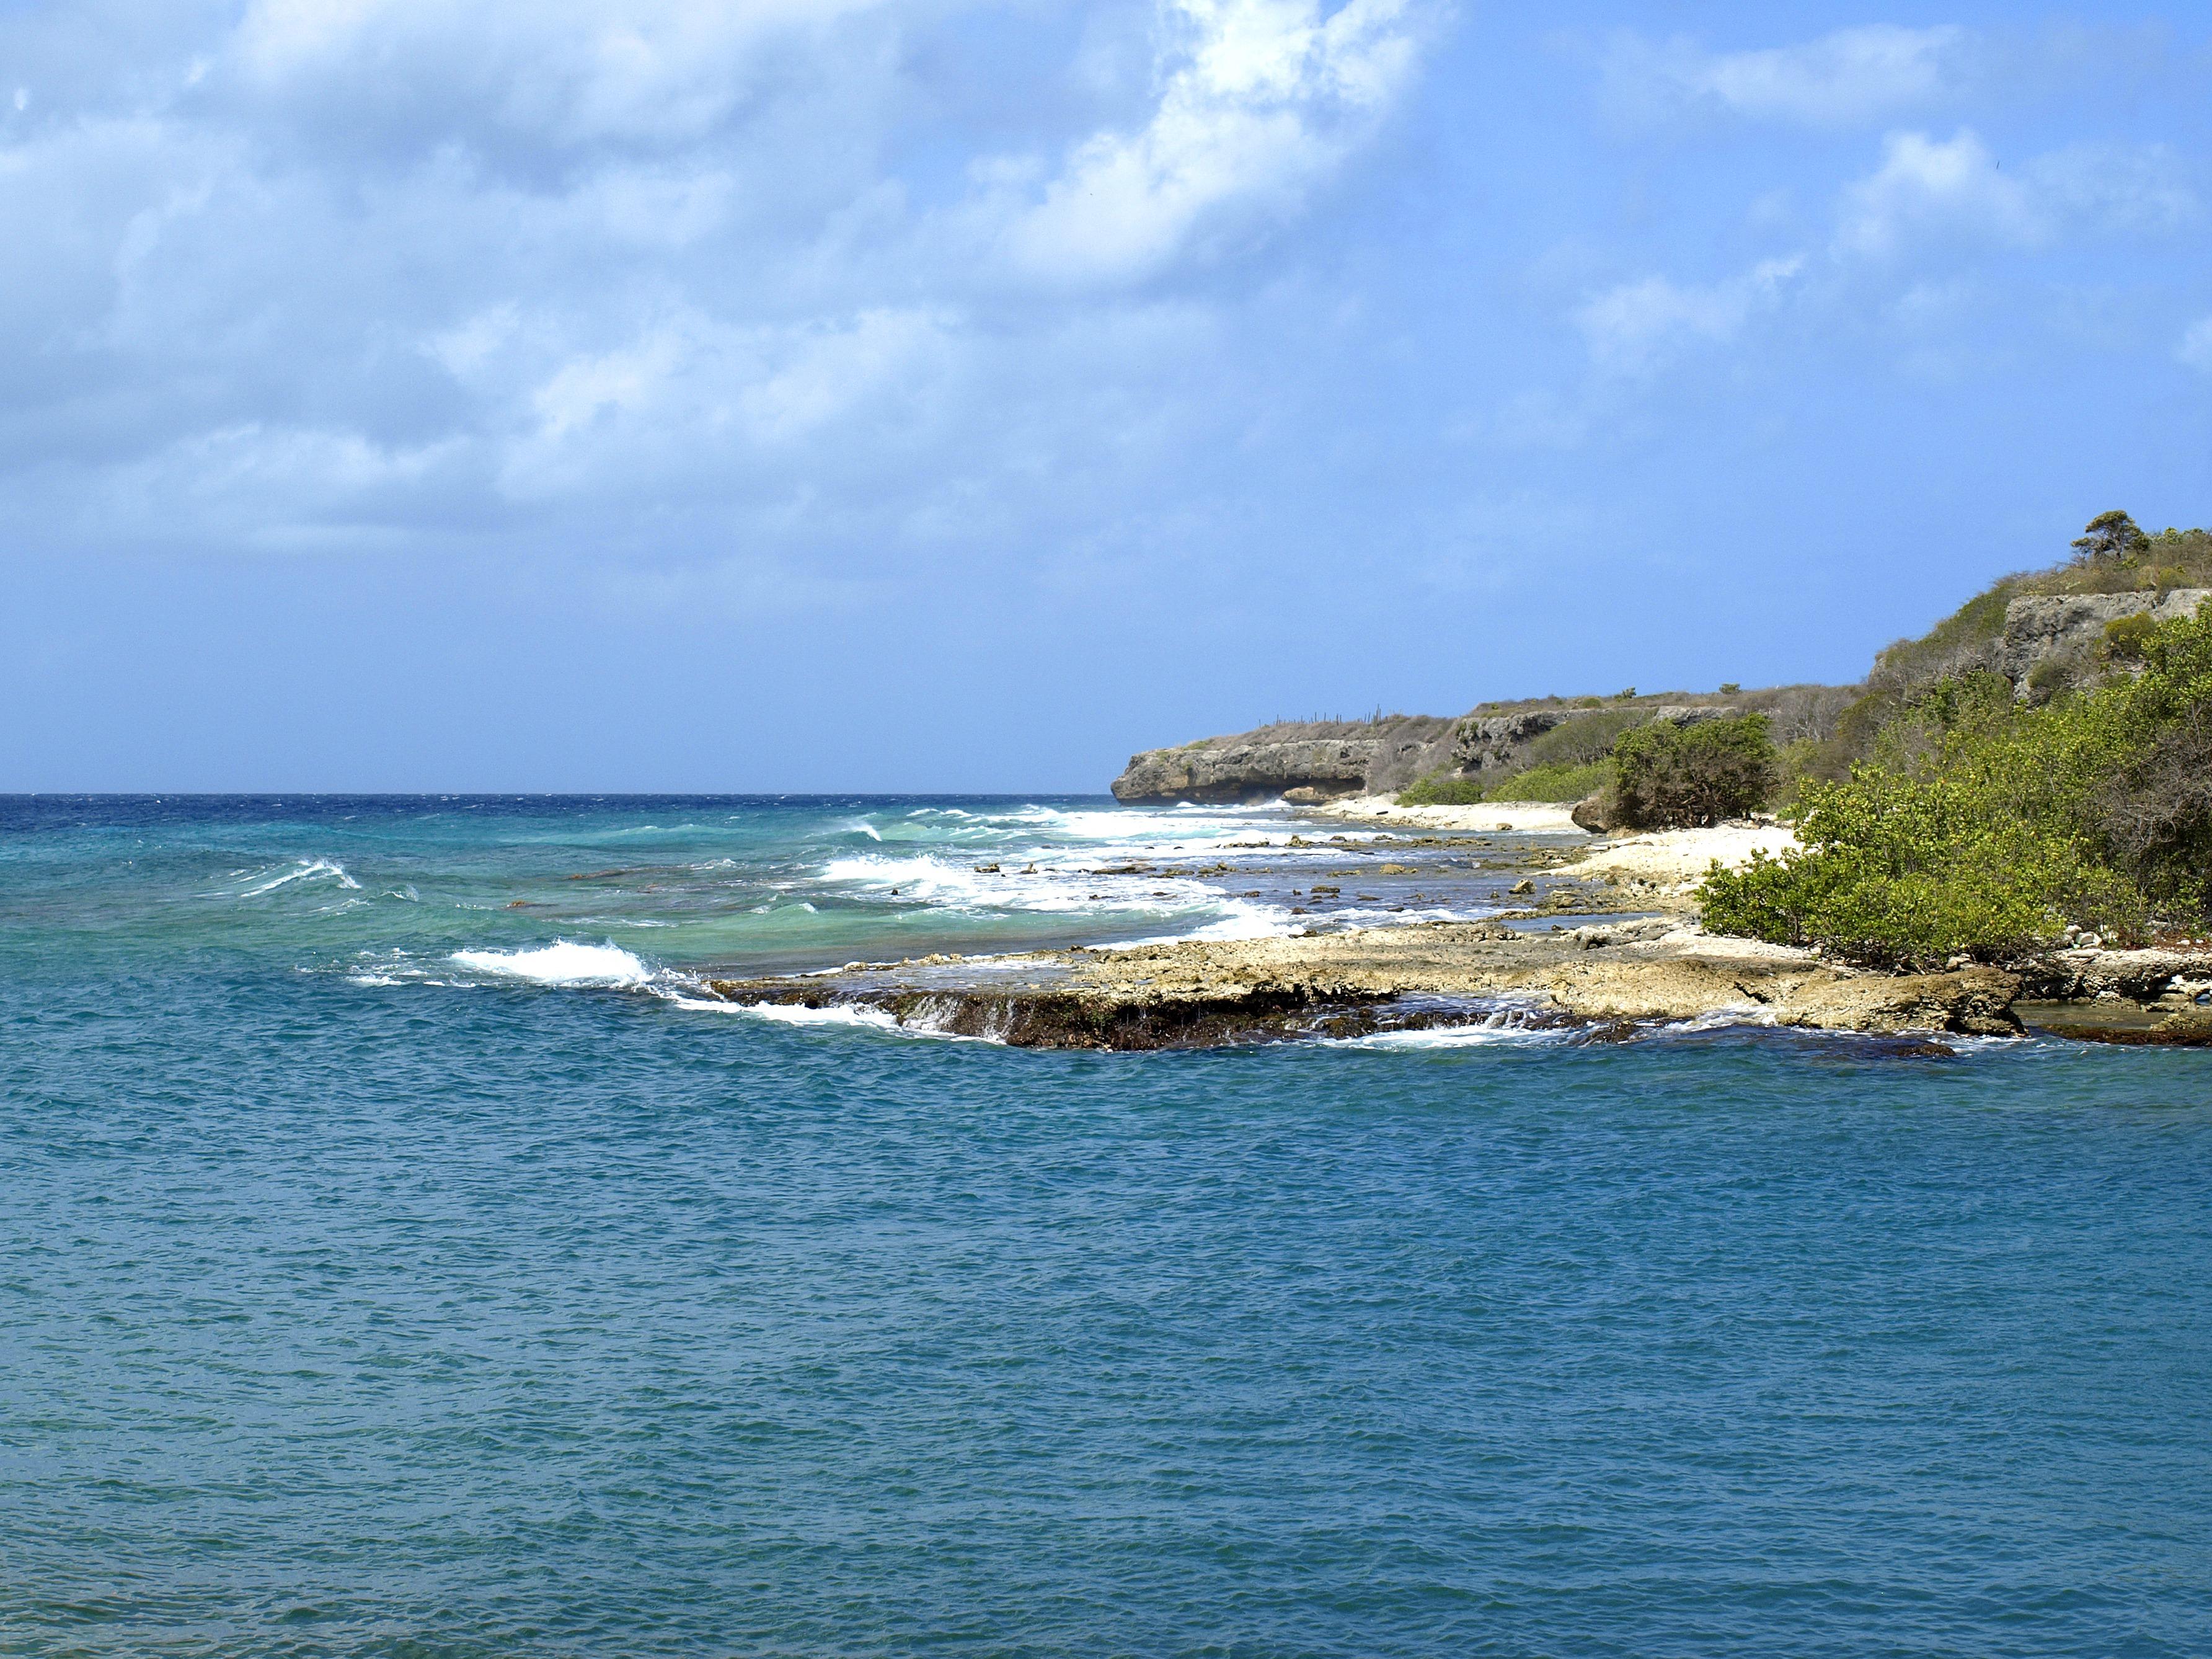 hình ảnh : bờ biển, phong cảnh, Bờ biển, Nước, thiên nhiên, đại dương,  Đường chân trời, Bầu trời, làn sóng, kỳ nghỉ, du lịch, Vách đá, lướt sóng,  Cove, ...